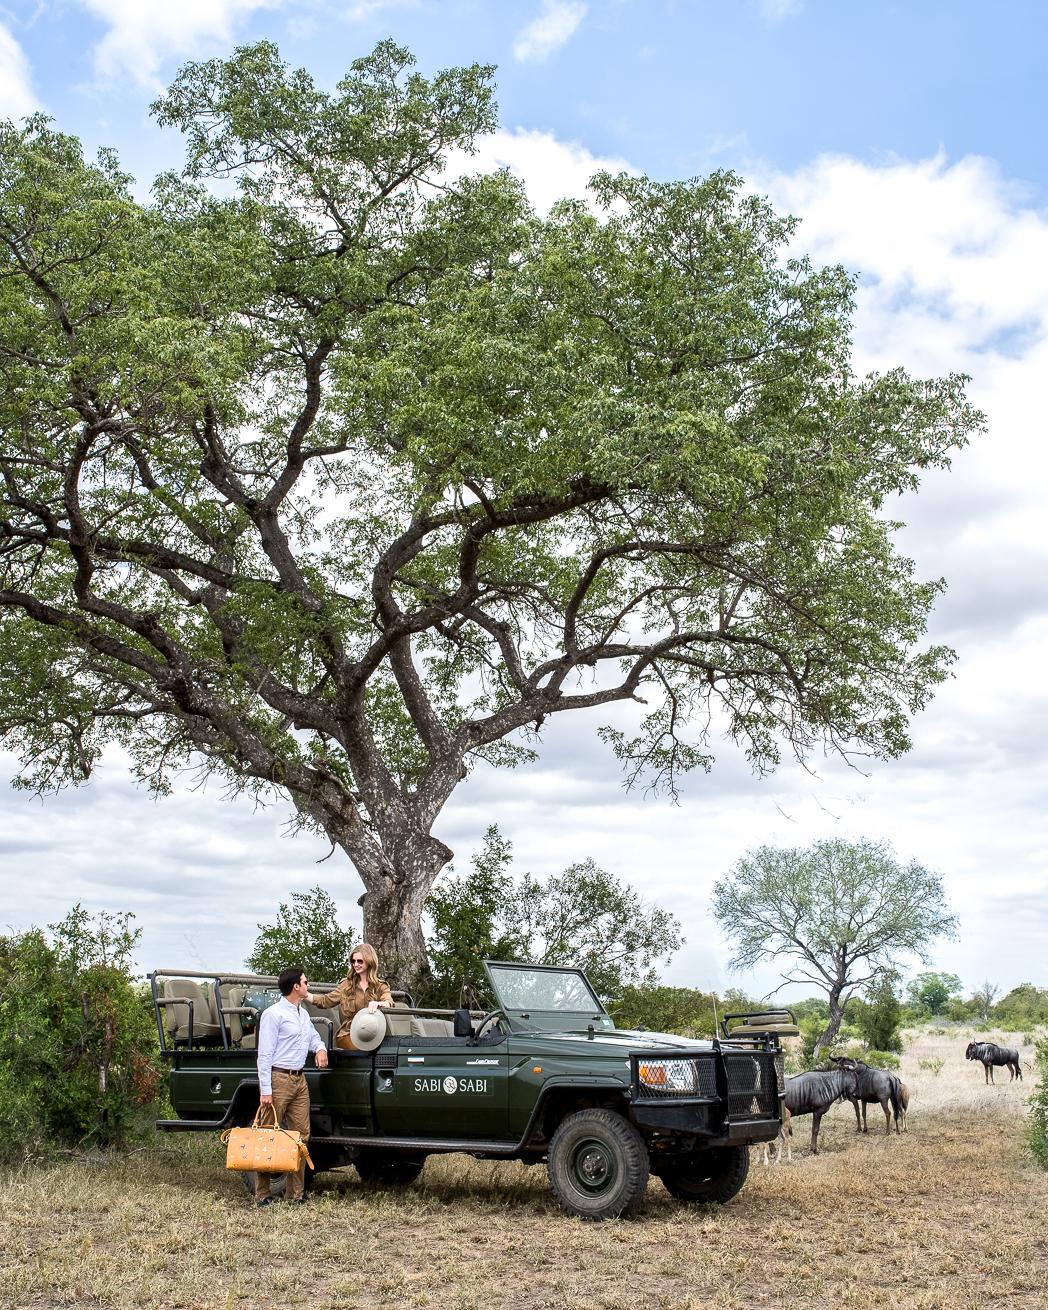 On Safari with Sabi Sabi in South Africa